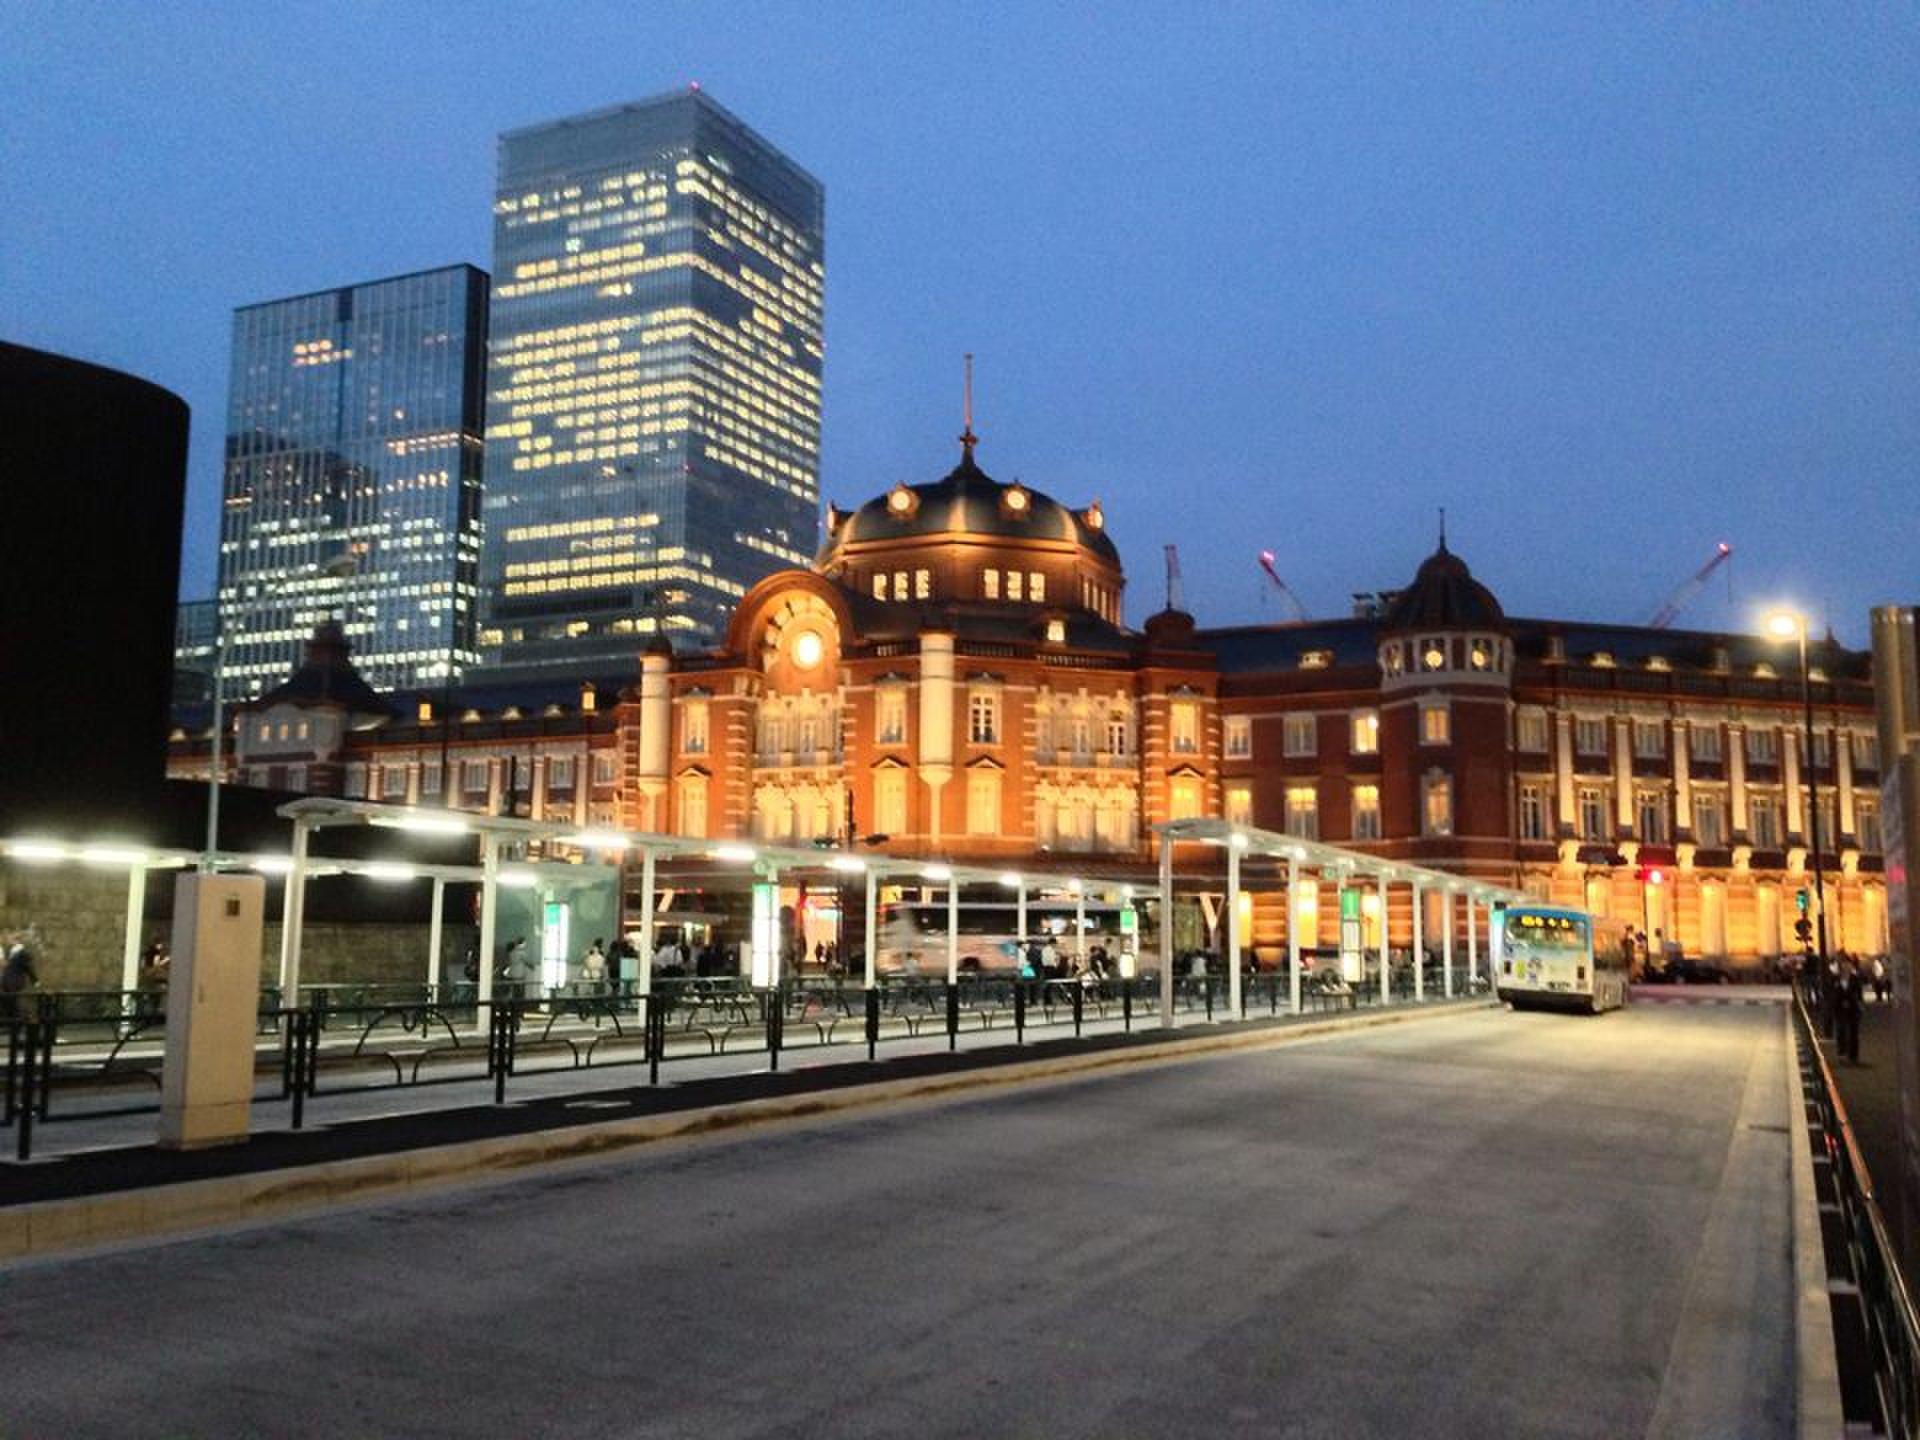 人形町周辺のディナースポットを紹介!締めは夜景のきれいな東京駅へ!【デートにおすすめ】